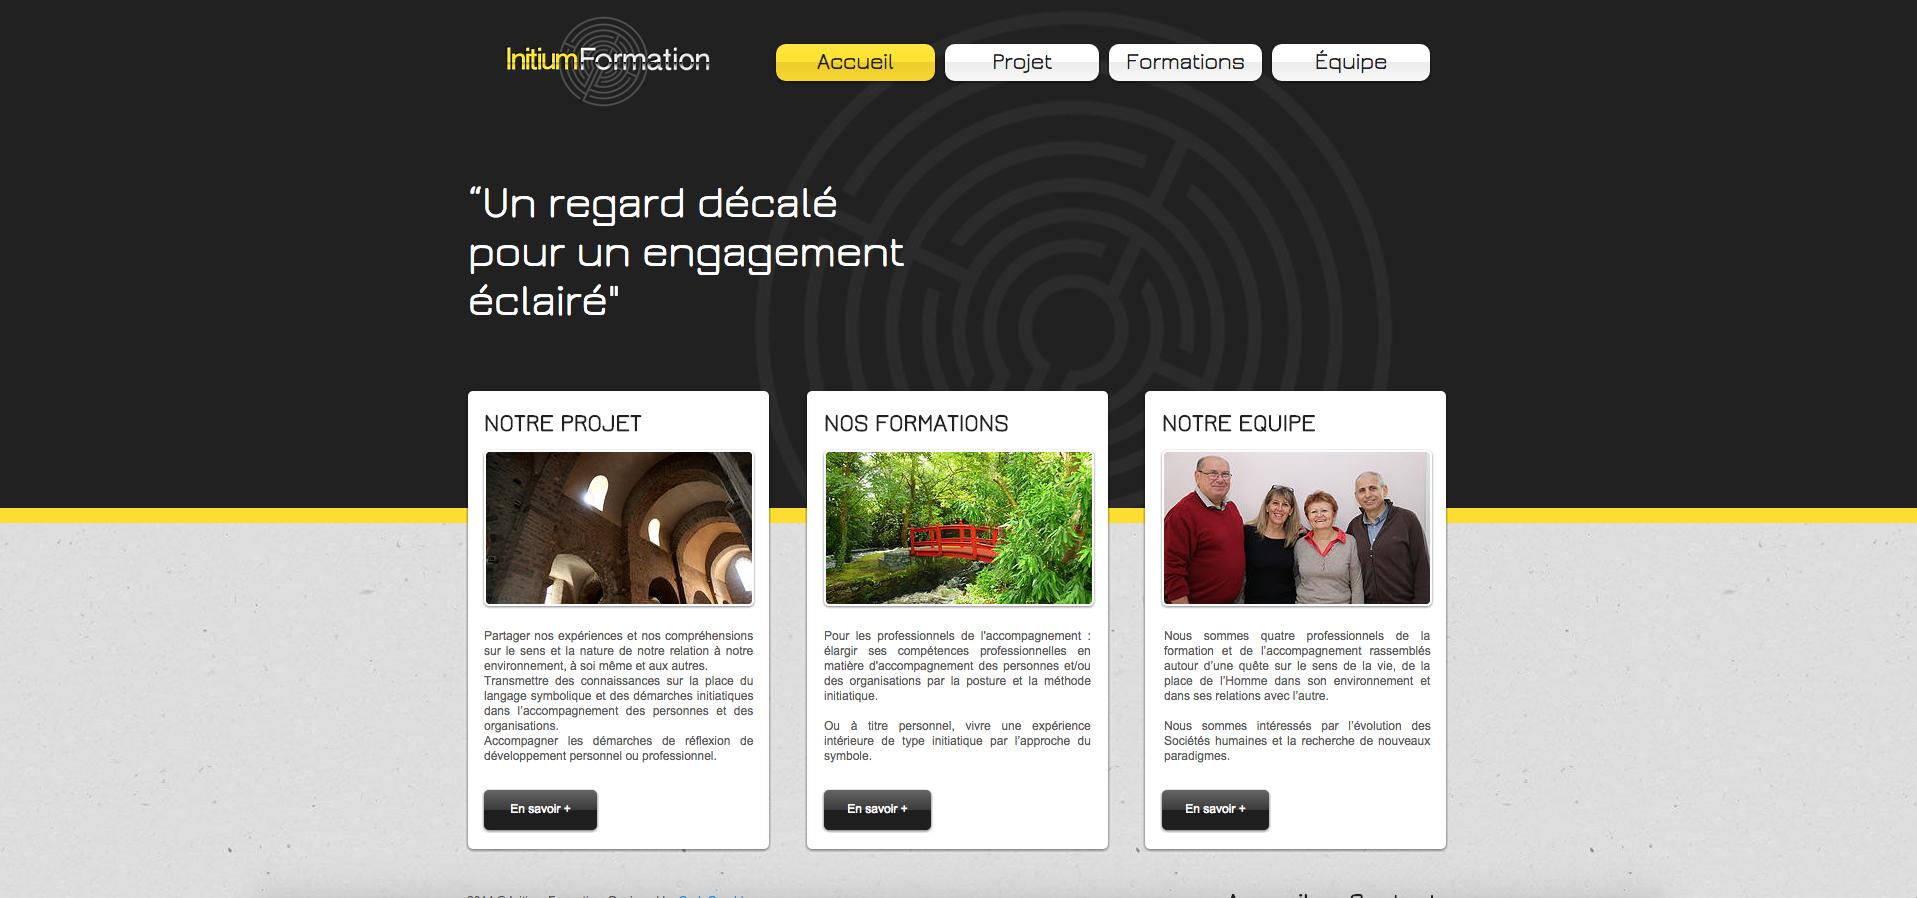 Site Web |  INITIUM FORMATION